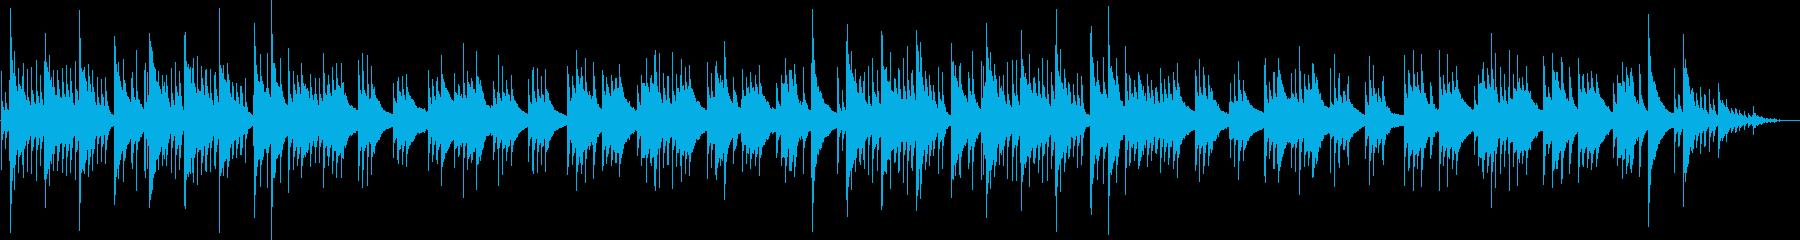 心地よいギター旋律のヒーリング系バラードの再生済みの波形